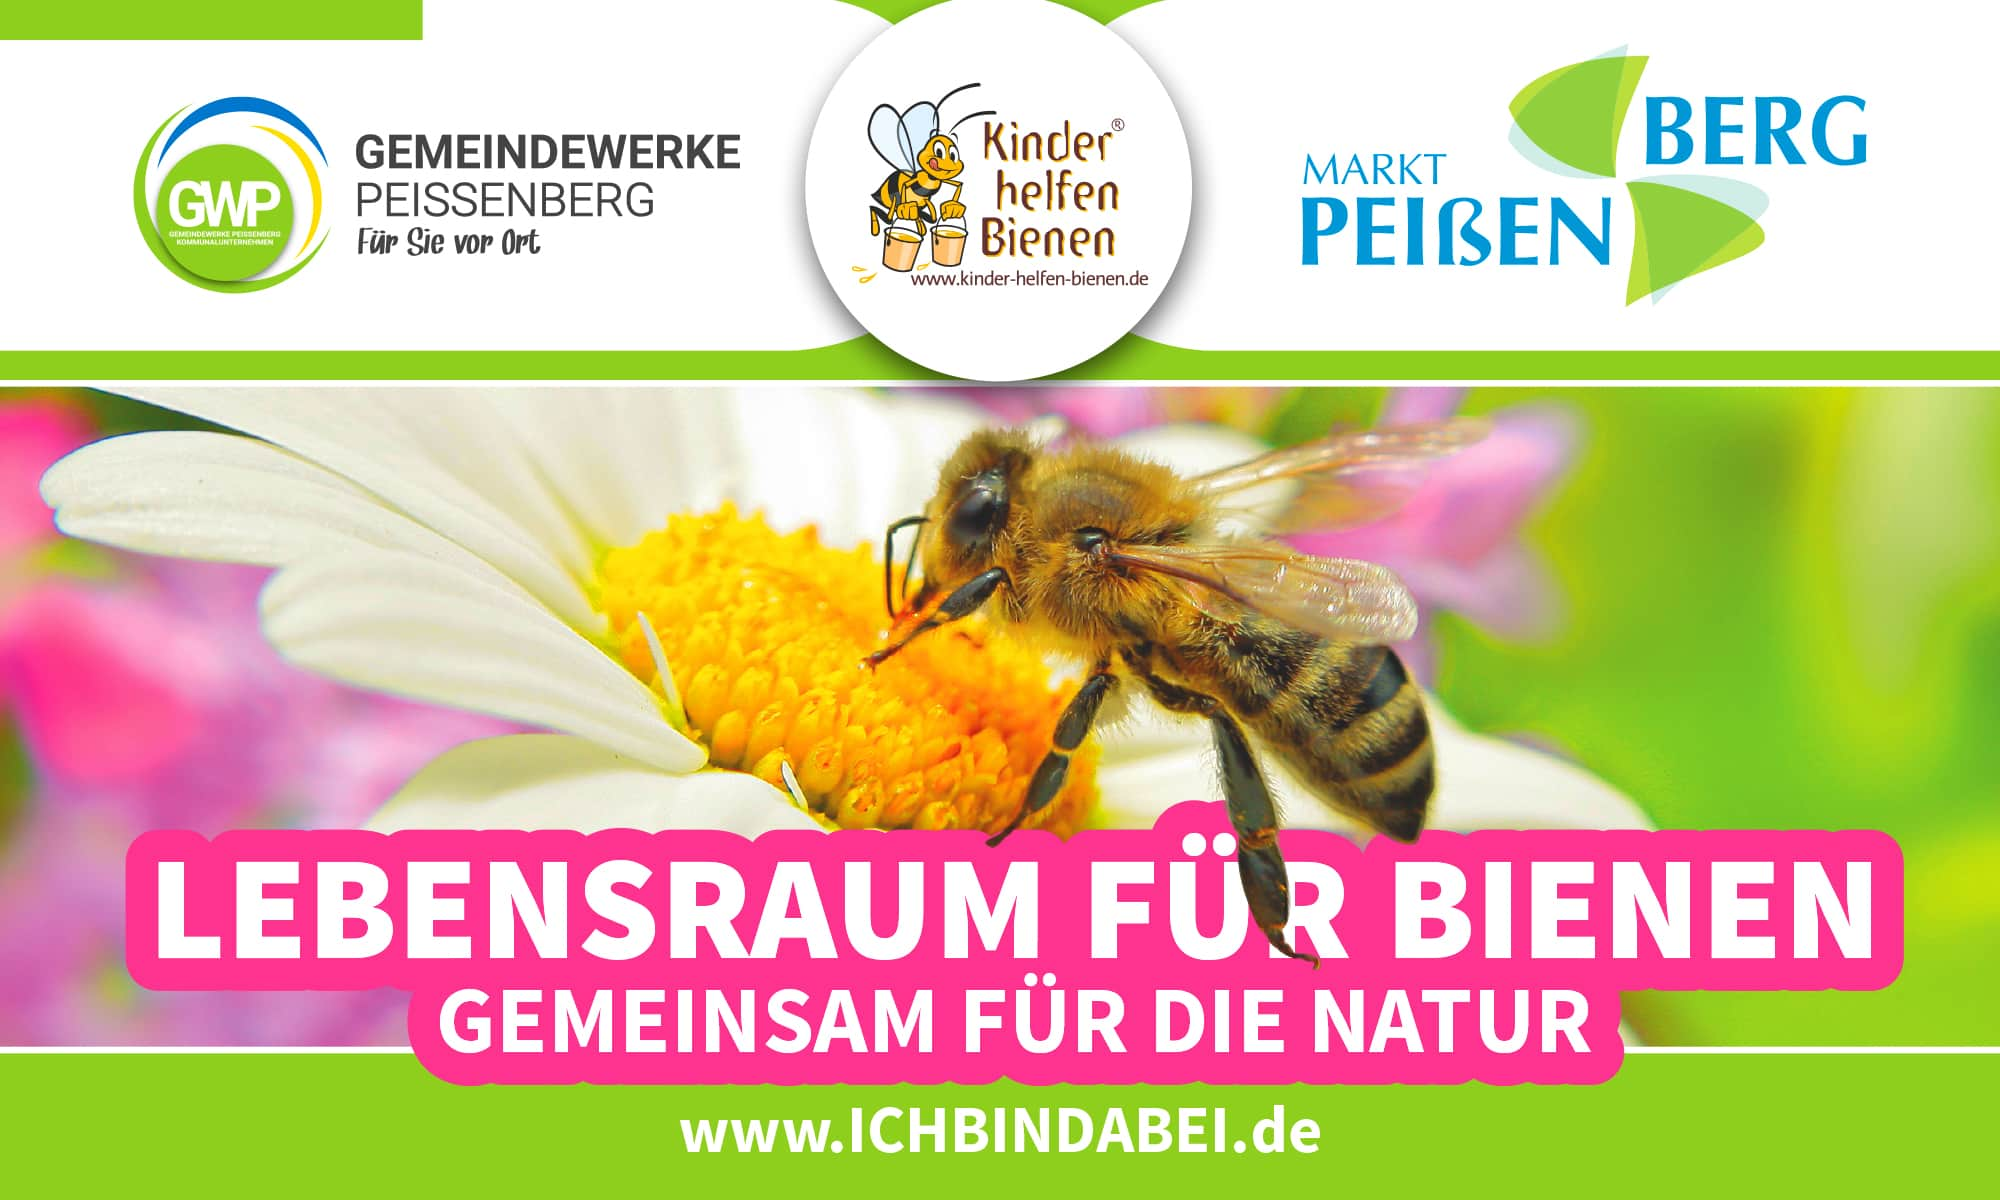 Werbeschild - Lebensraum für Bienen schaffen